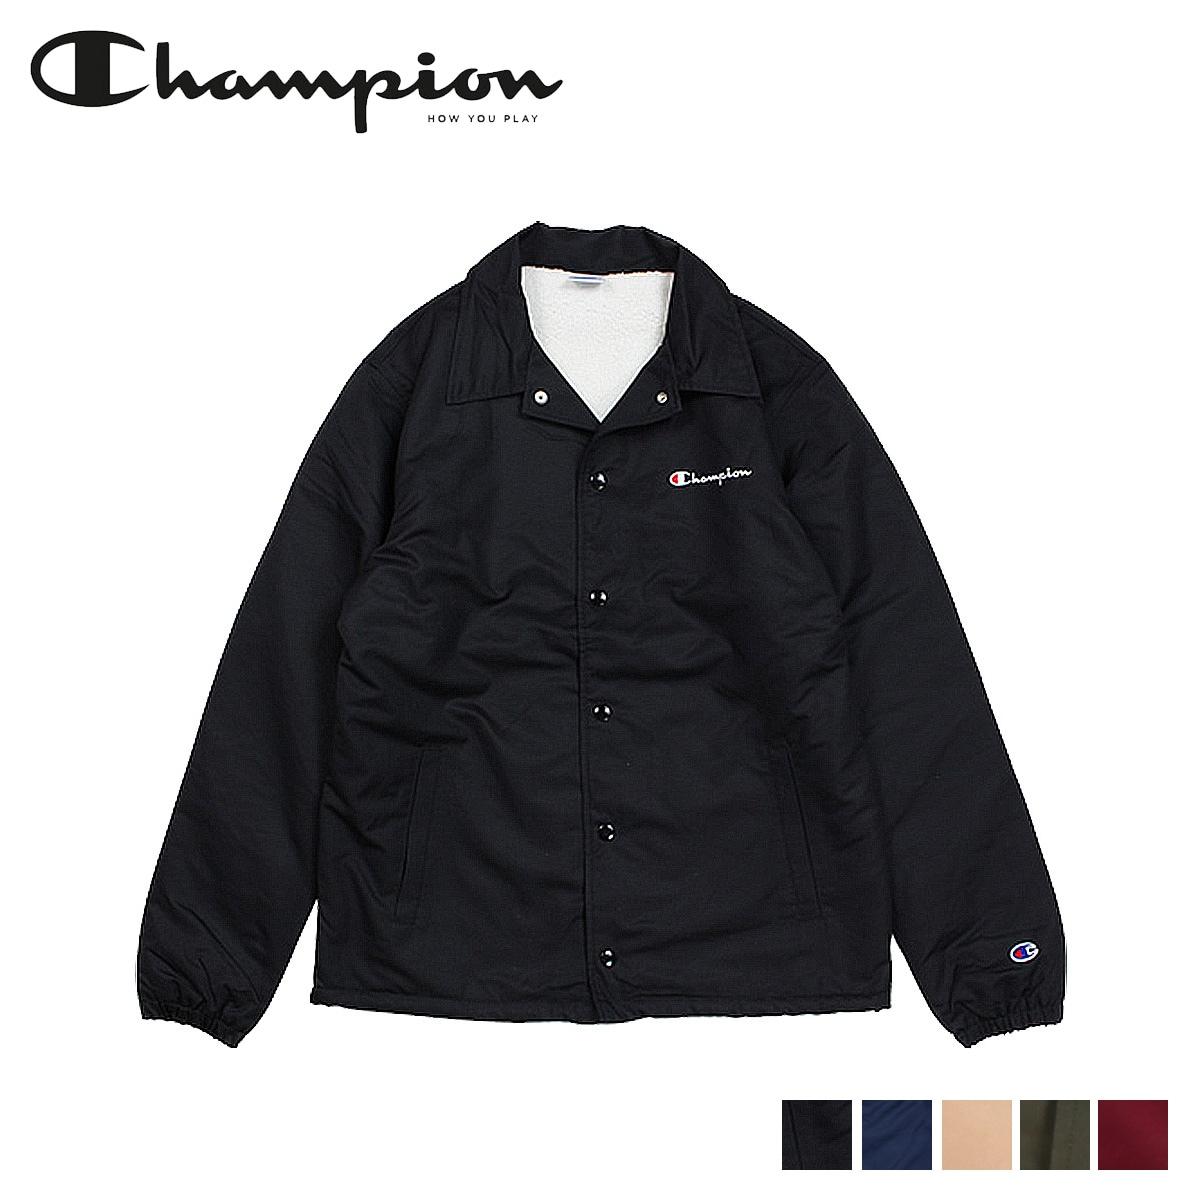 チャンピオン Champion ジャケット メンズ コーチジャケット COACH JACKET ACTION STYLE C3-L610 ブラック ネイビー